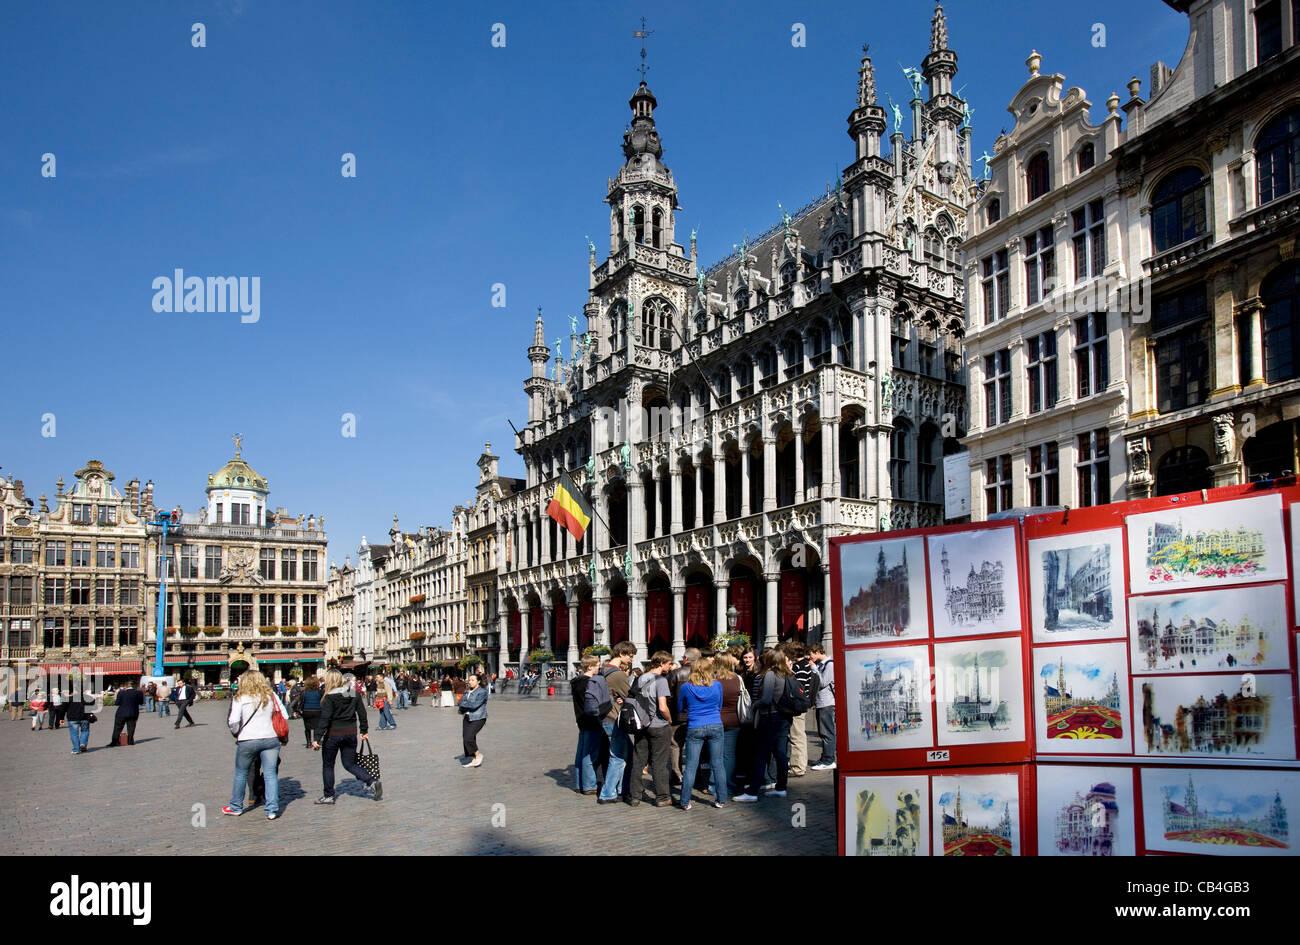 Dessins pour les touristes et Maison du Roi / maison du roi / Broodhuis / Breadhouse, Grand Place/Grote Markt, Bruxelles, Photo Stock